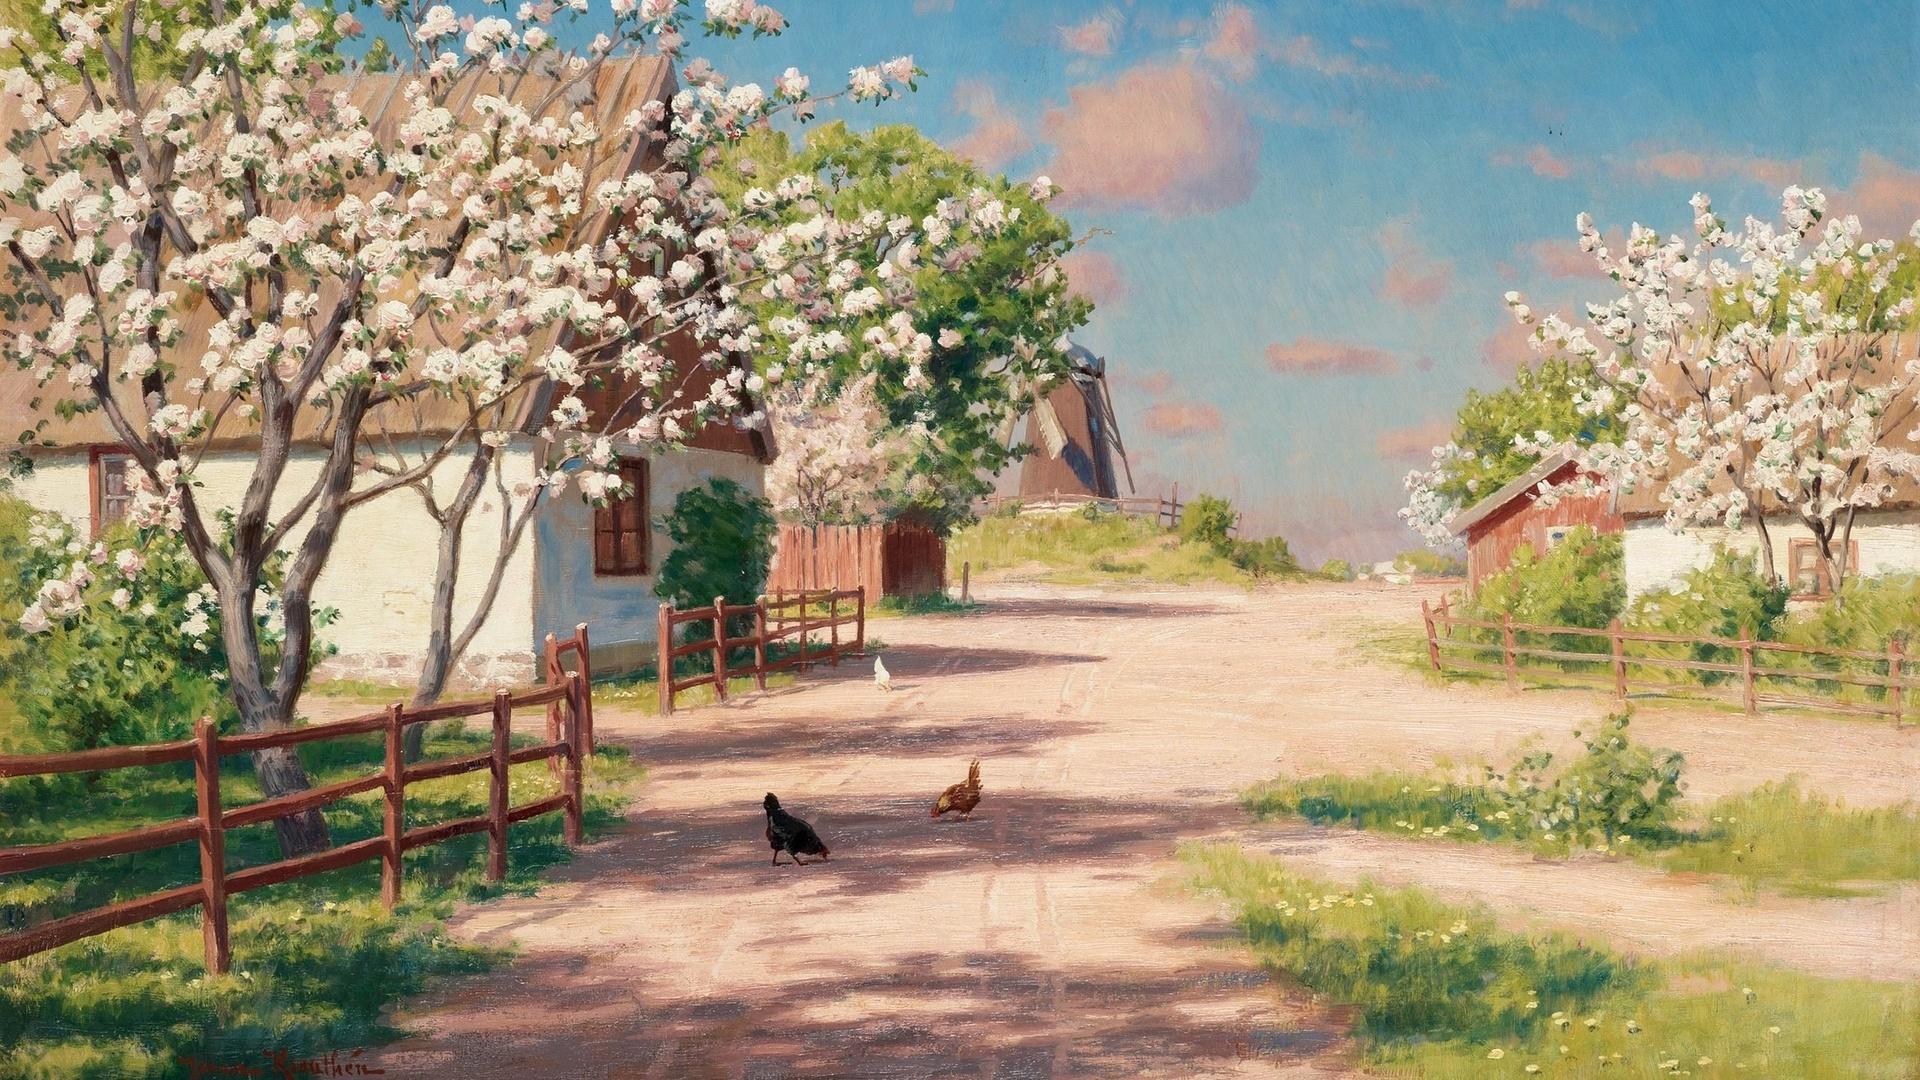 собой, картинки живопись и лето туда